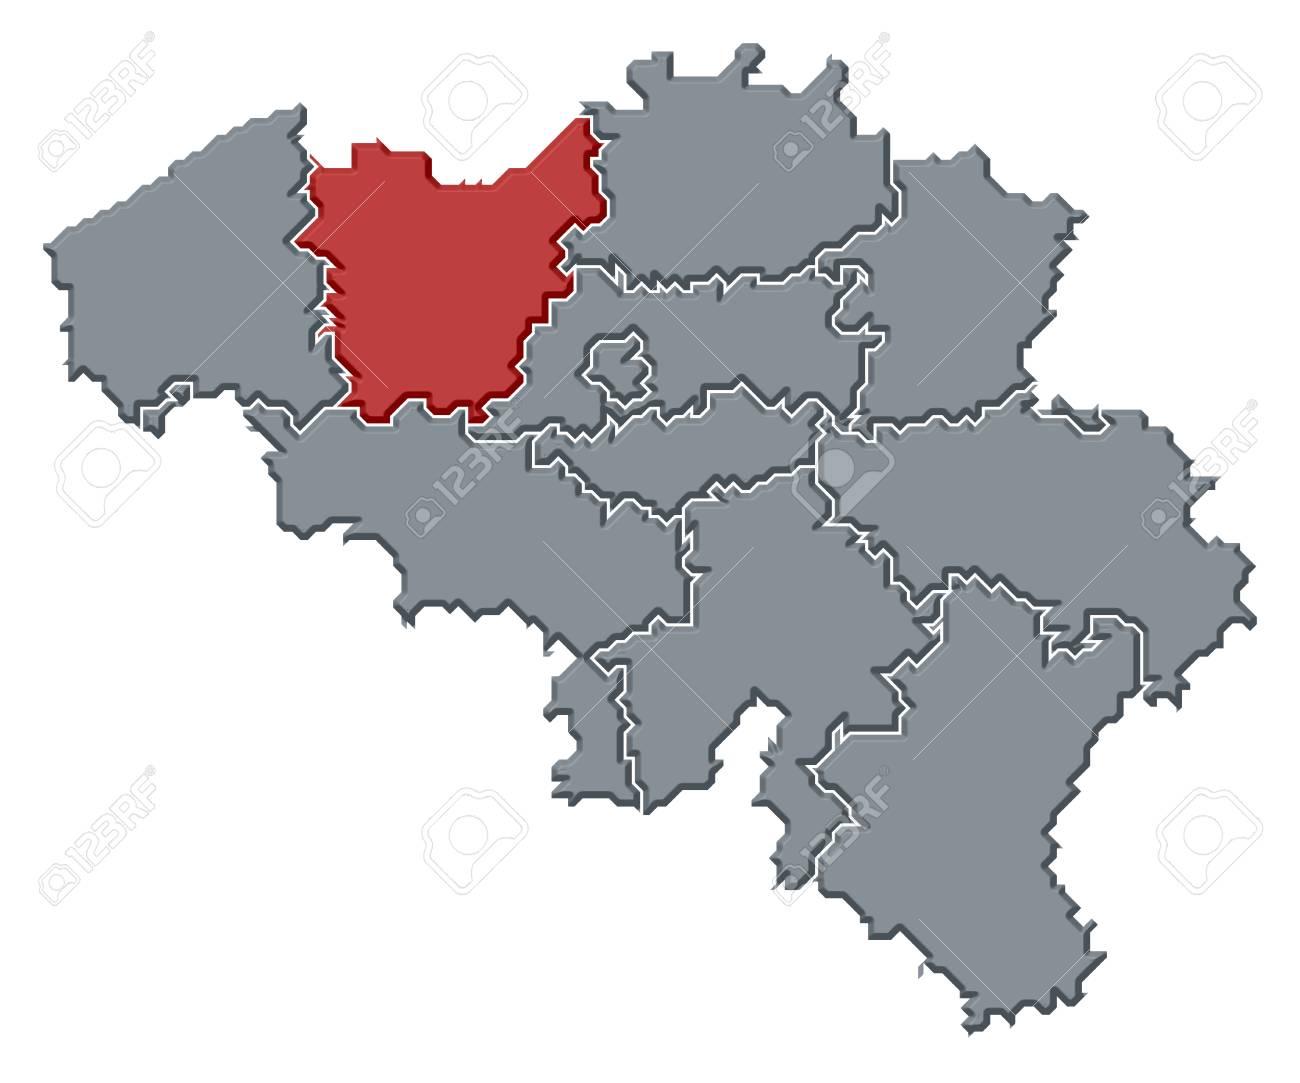 Mapa Politico De Belgica Con Los Diversos Estados Donde Se Destaca